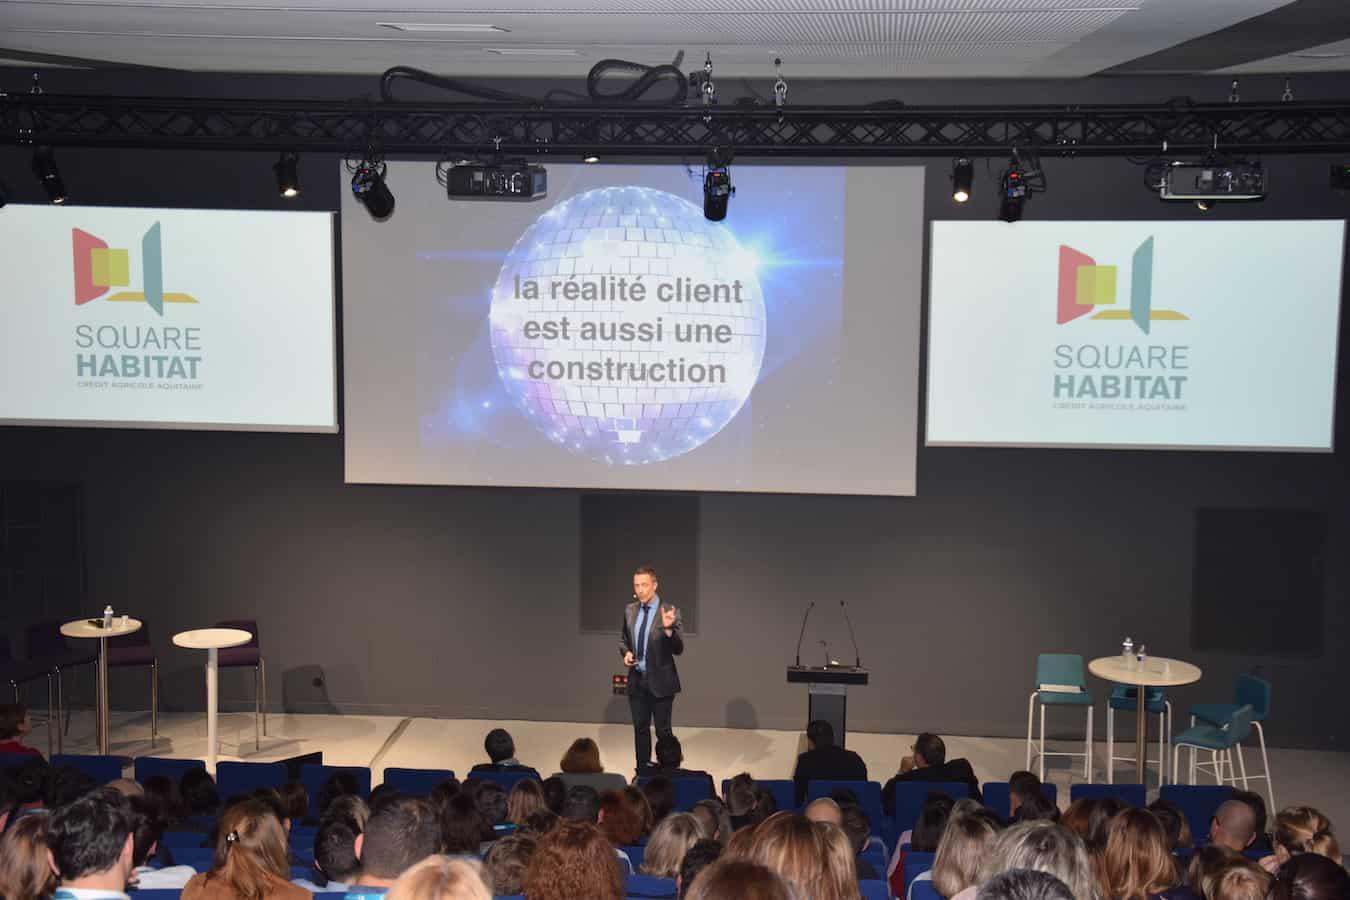 La conférence de Laurent Beretta sur l'expérience client : construire l'effet wahou